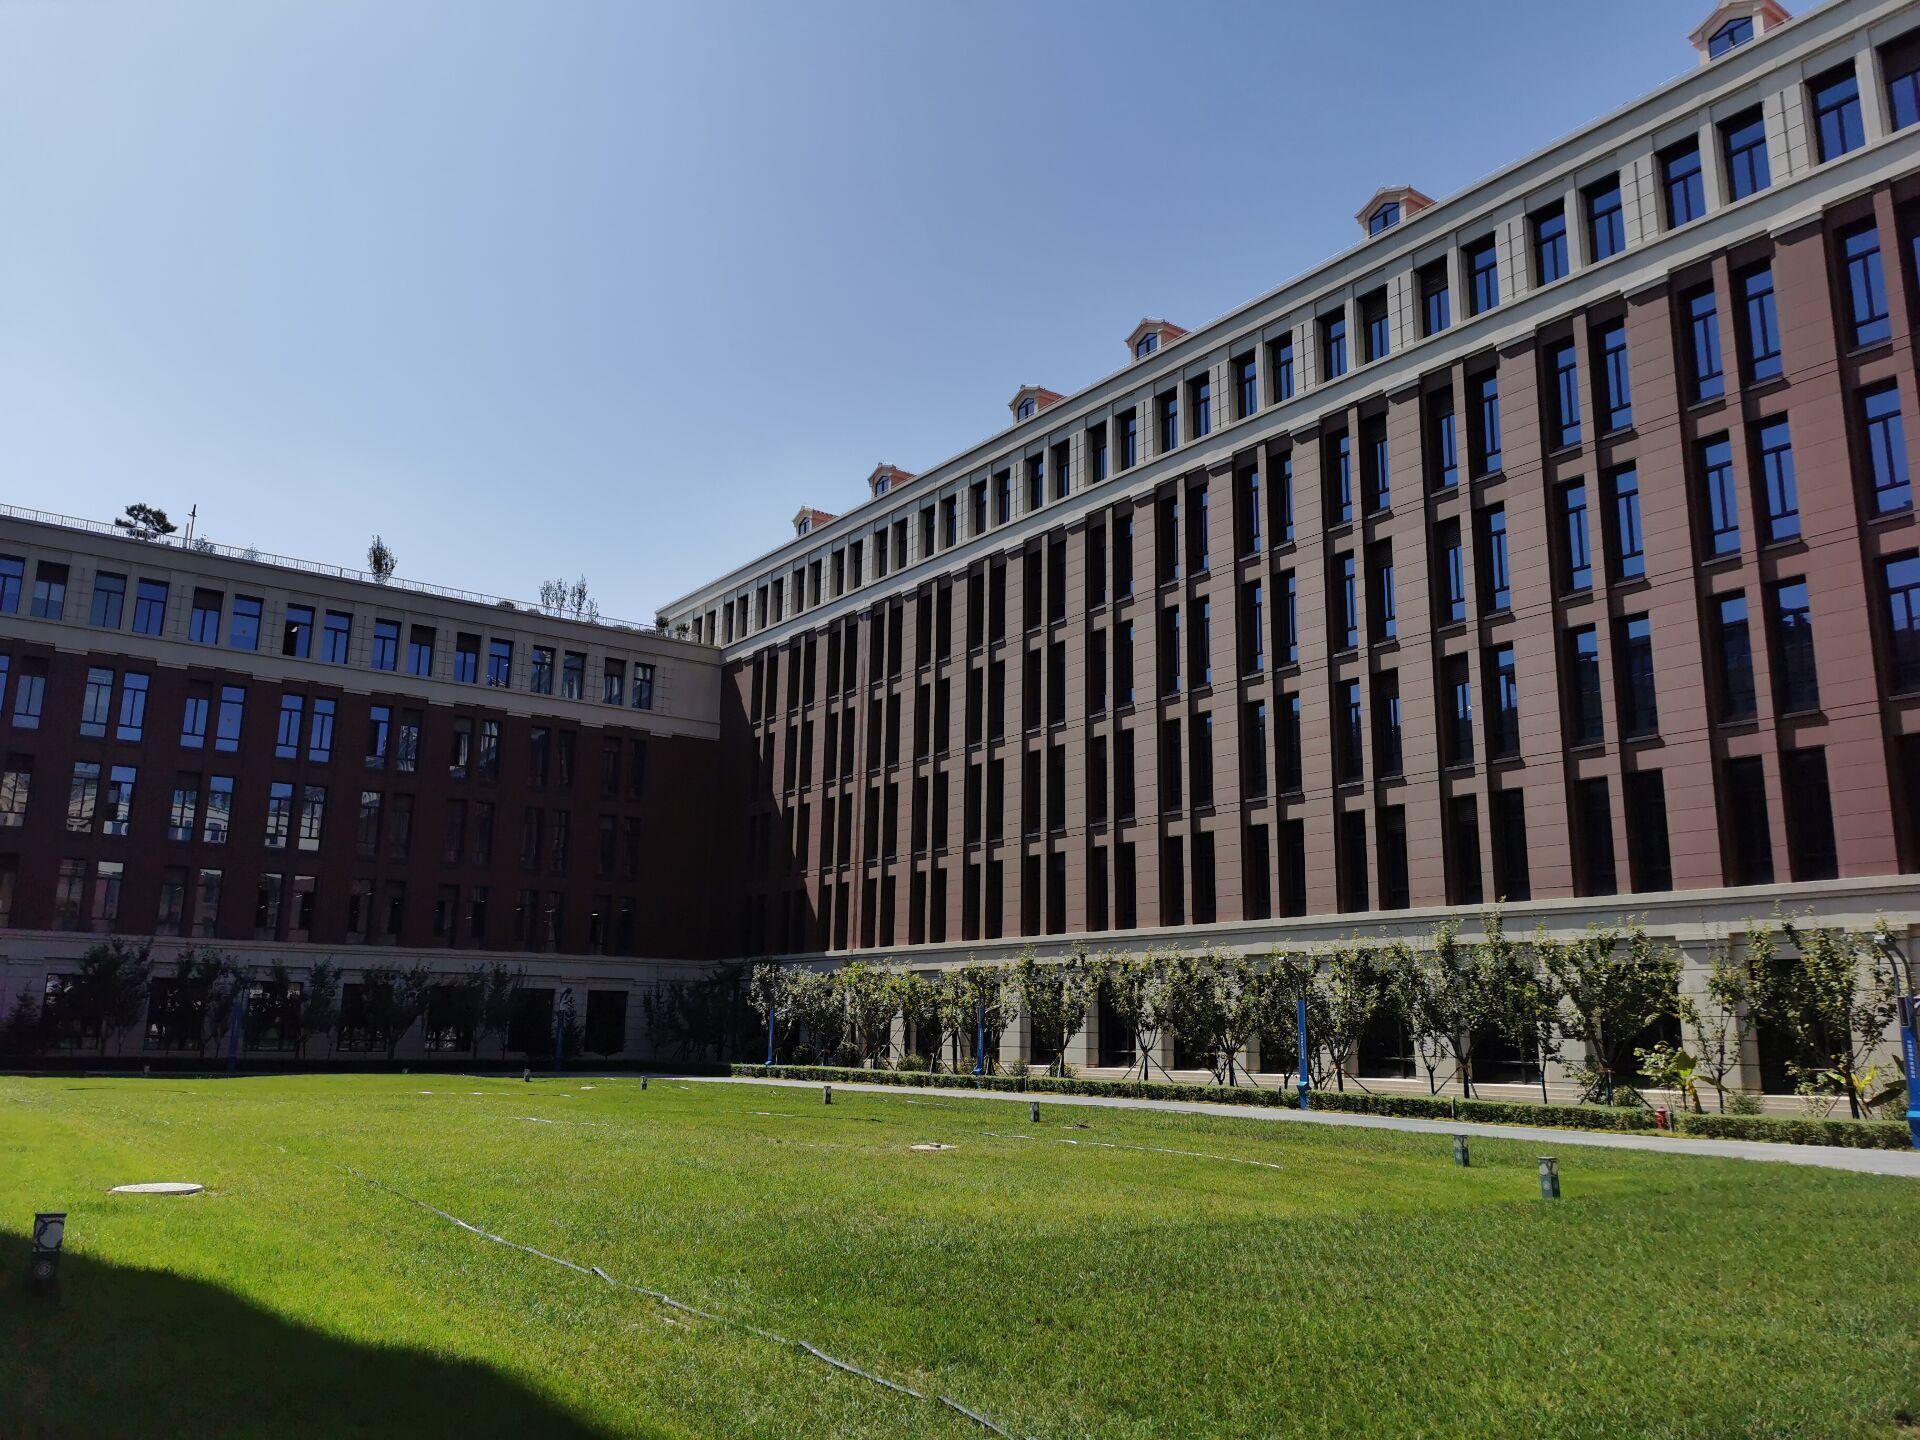 西安交通大学创新港校区一隅3.jpg